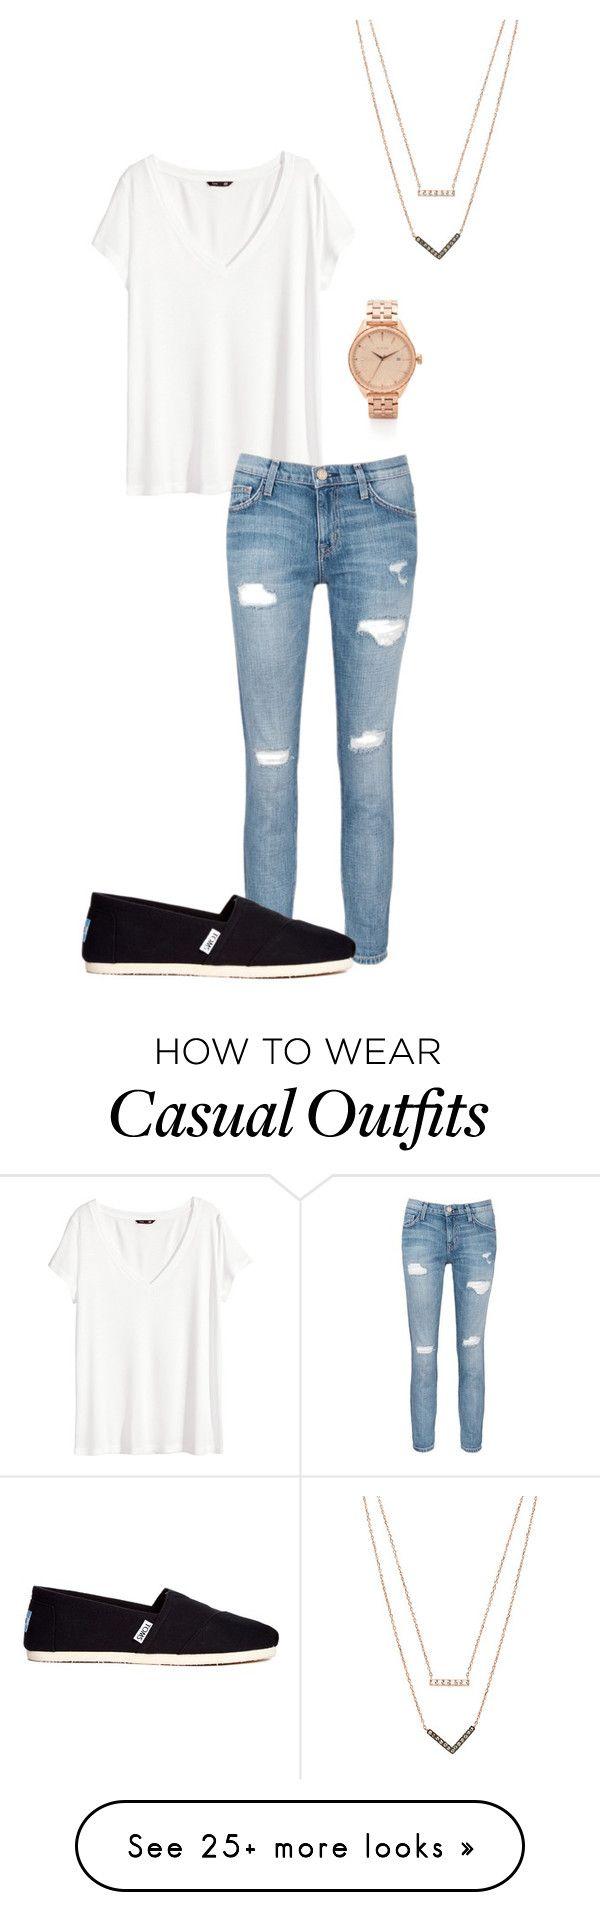 Camisa | Calça | Sapato |